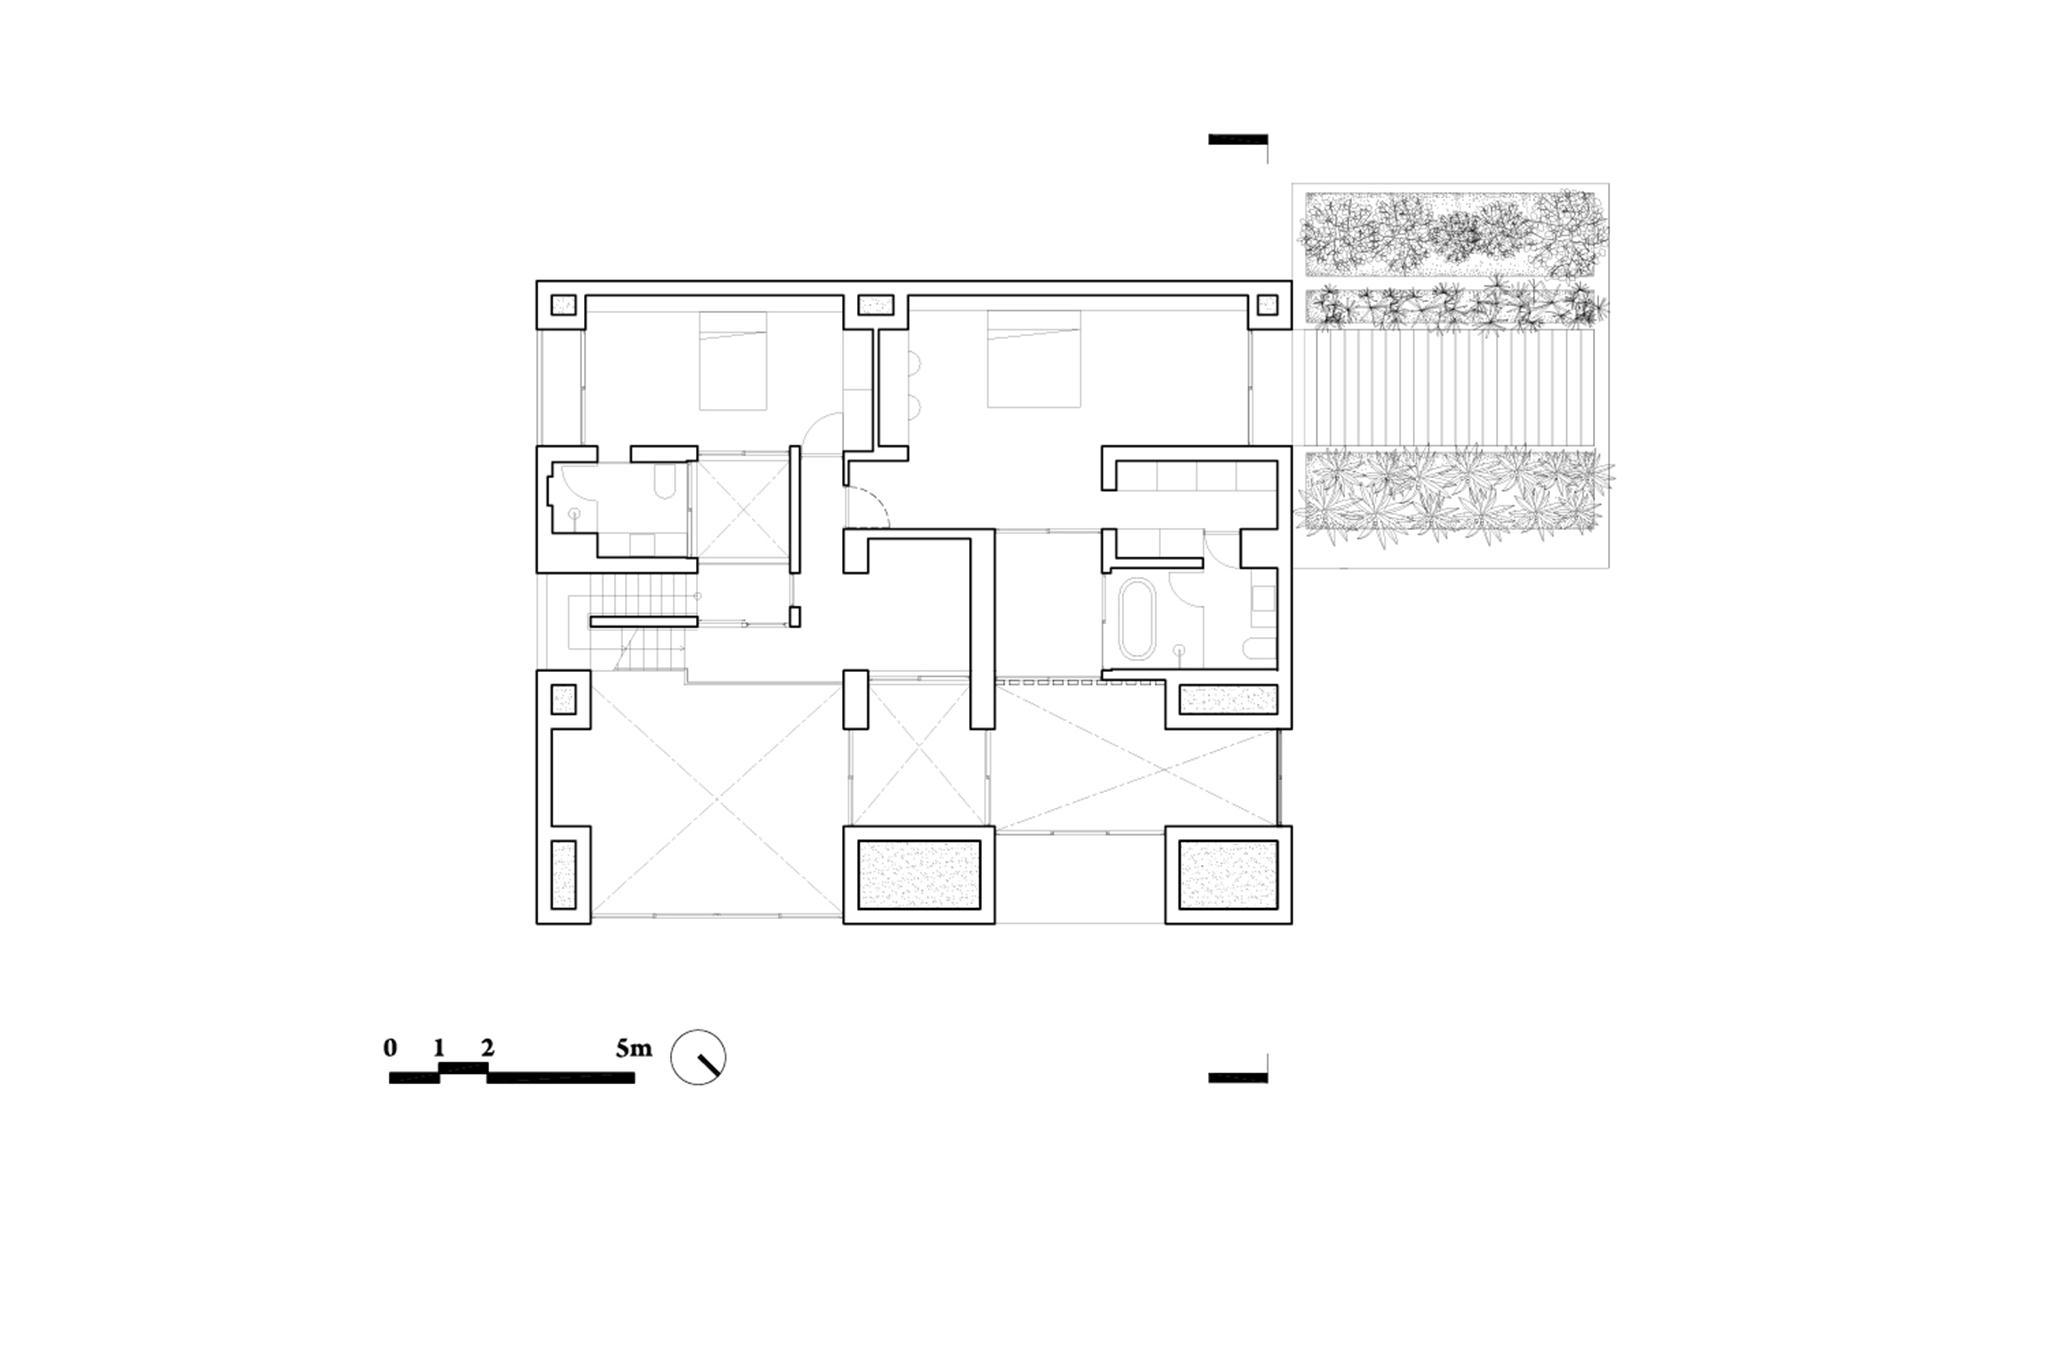 03_2F_plan-Copy1.jpg